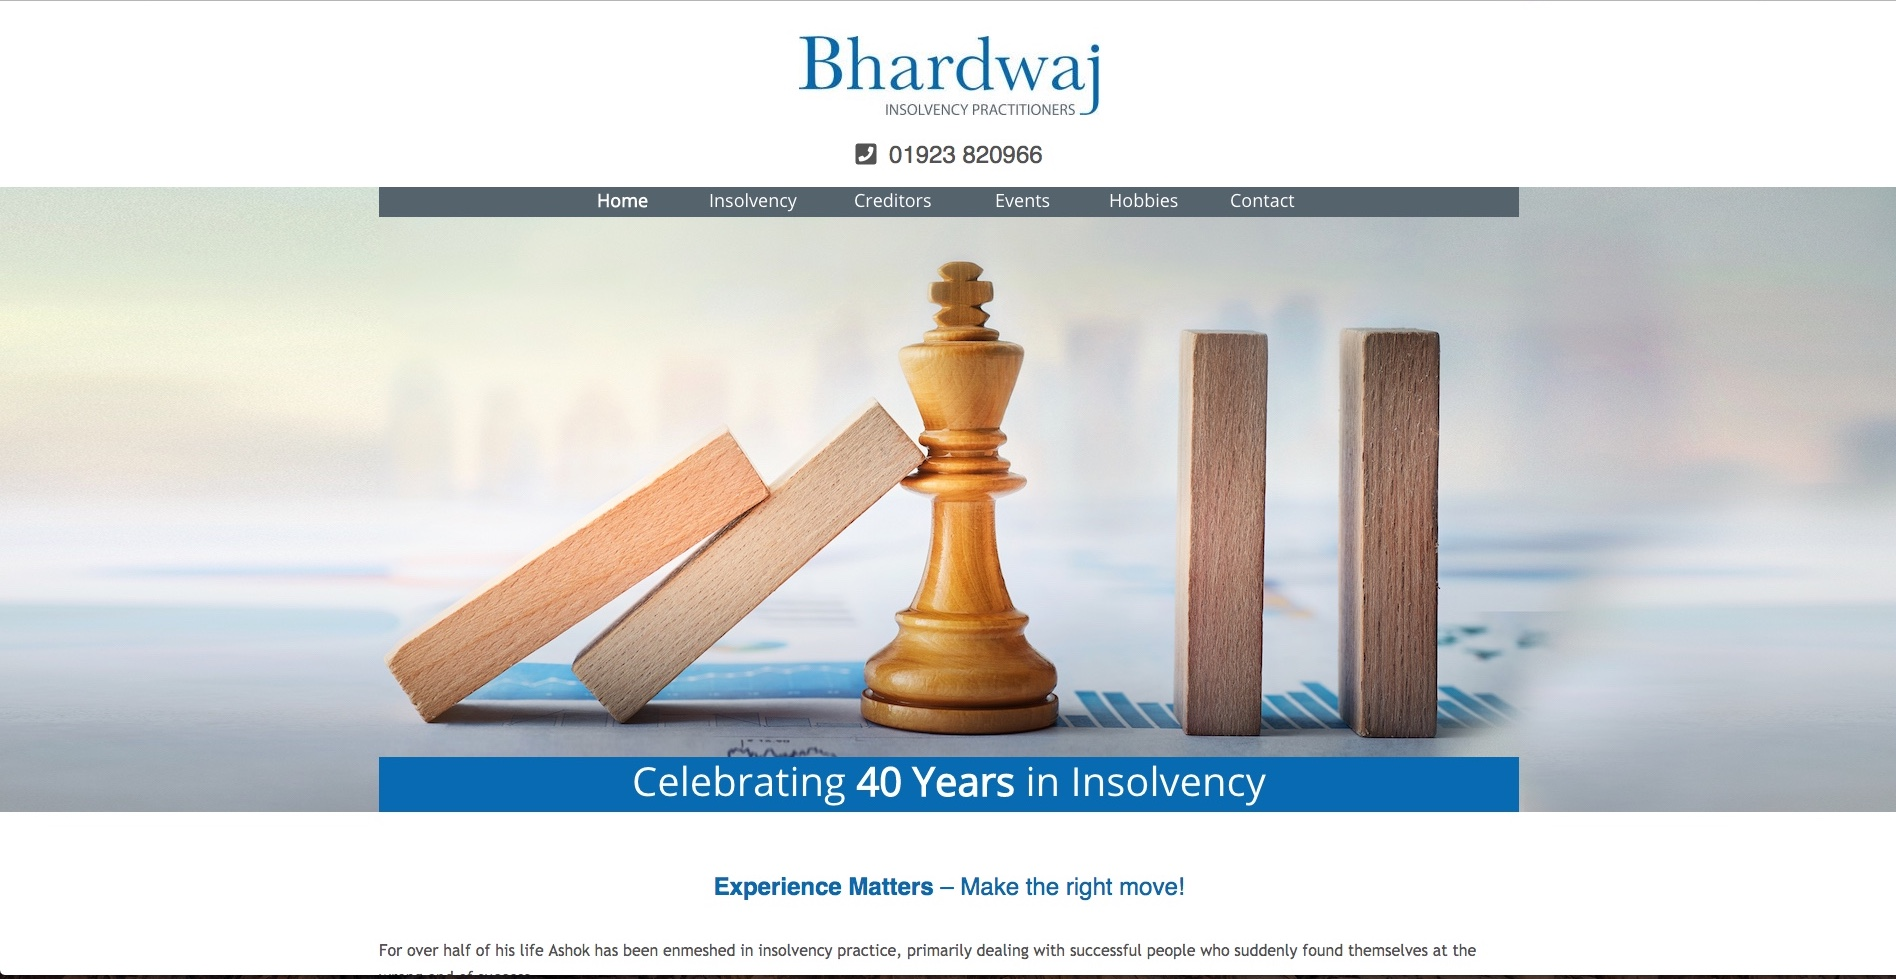 Bhardwaj Insolvency Practitioners